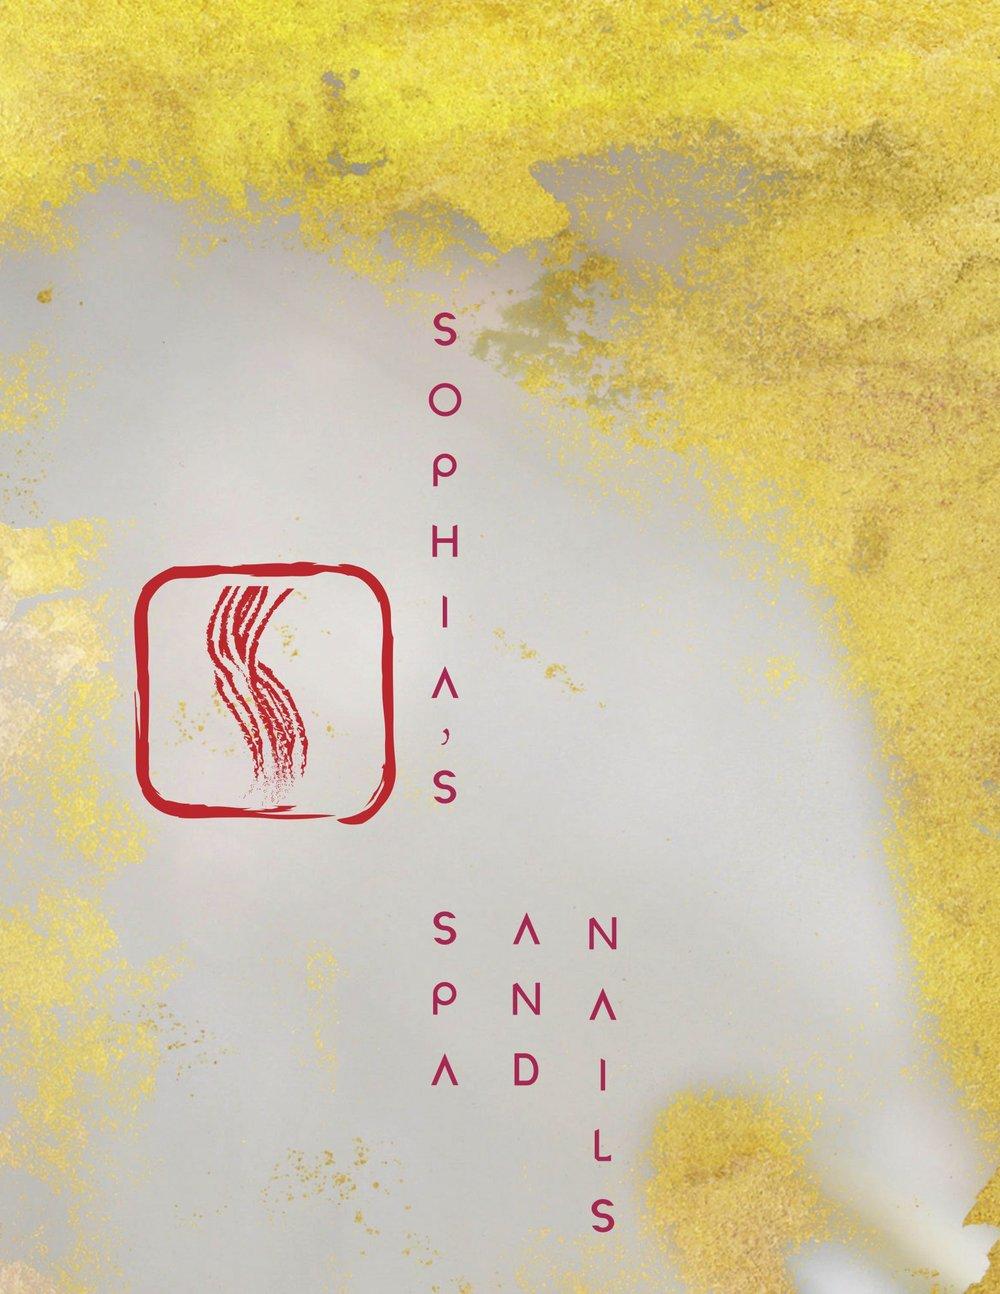 Sophia_copy.jpg